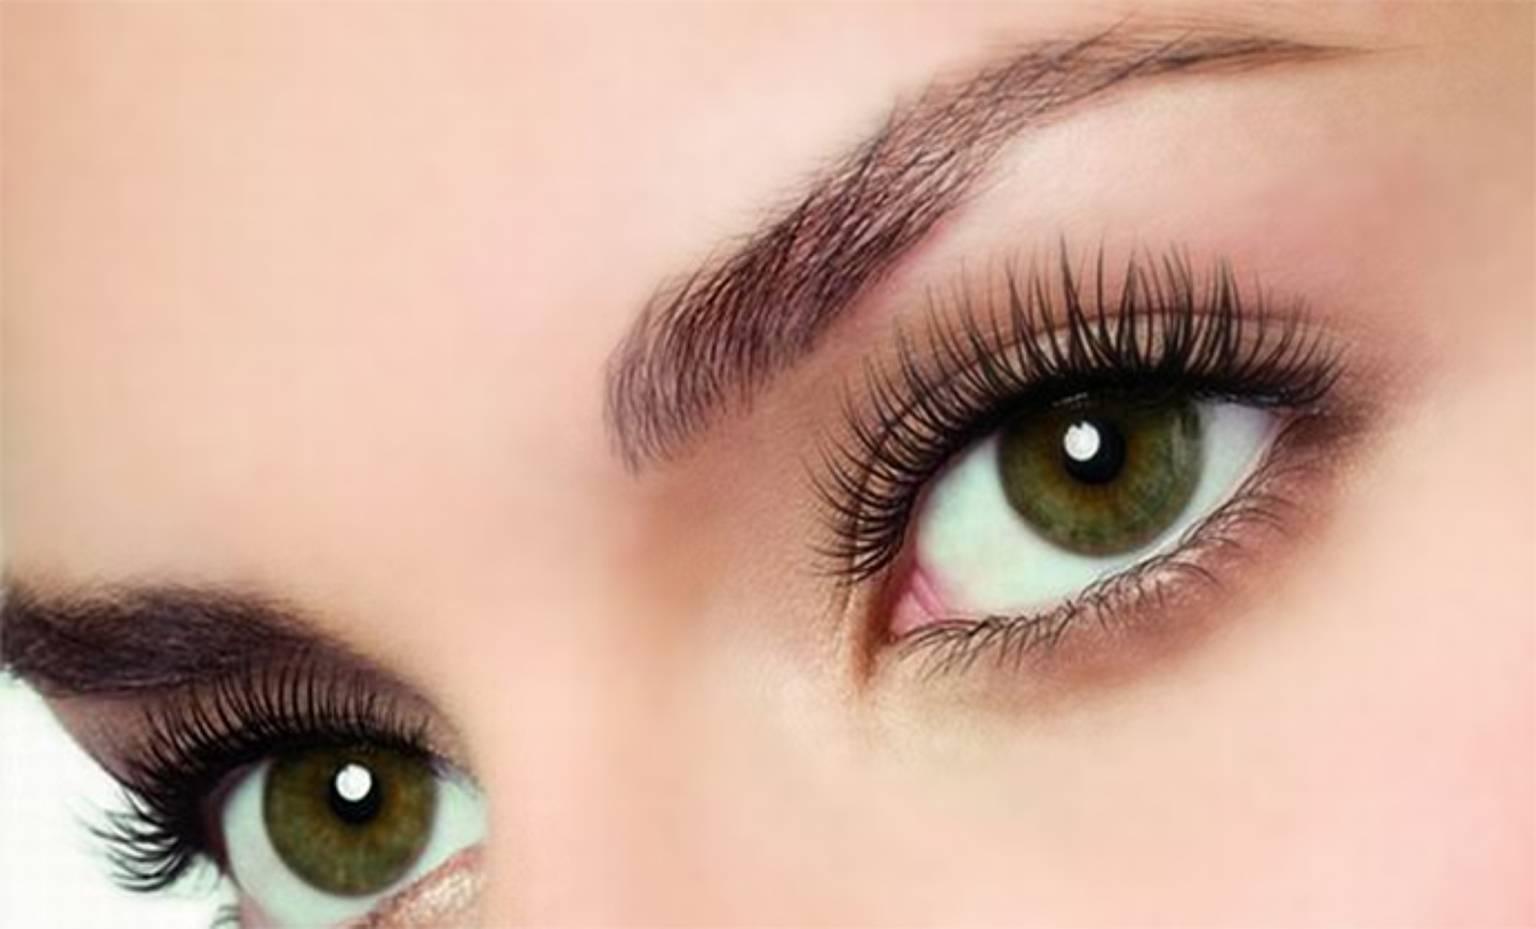 Реснички исполняют важную функцию -защищают глаза от пыли, поэтому за их здоровьем необходимо внимательно следить